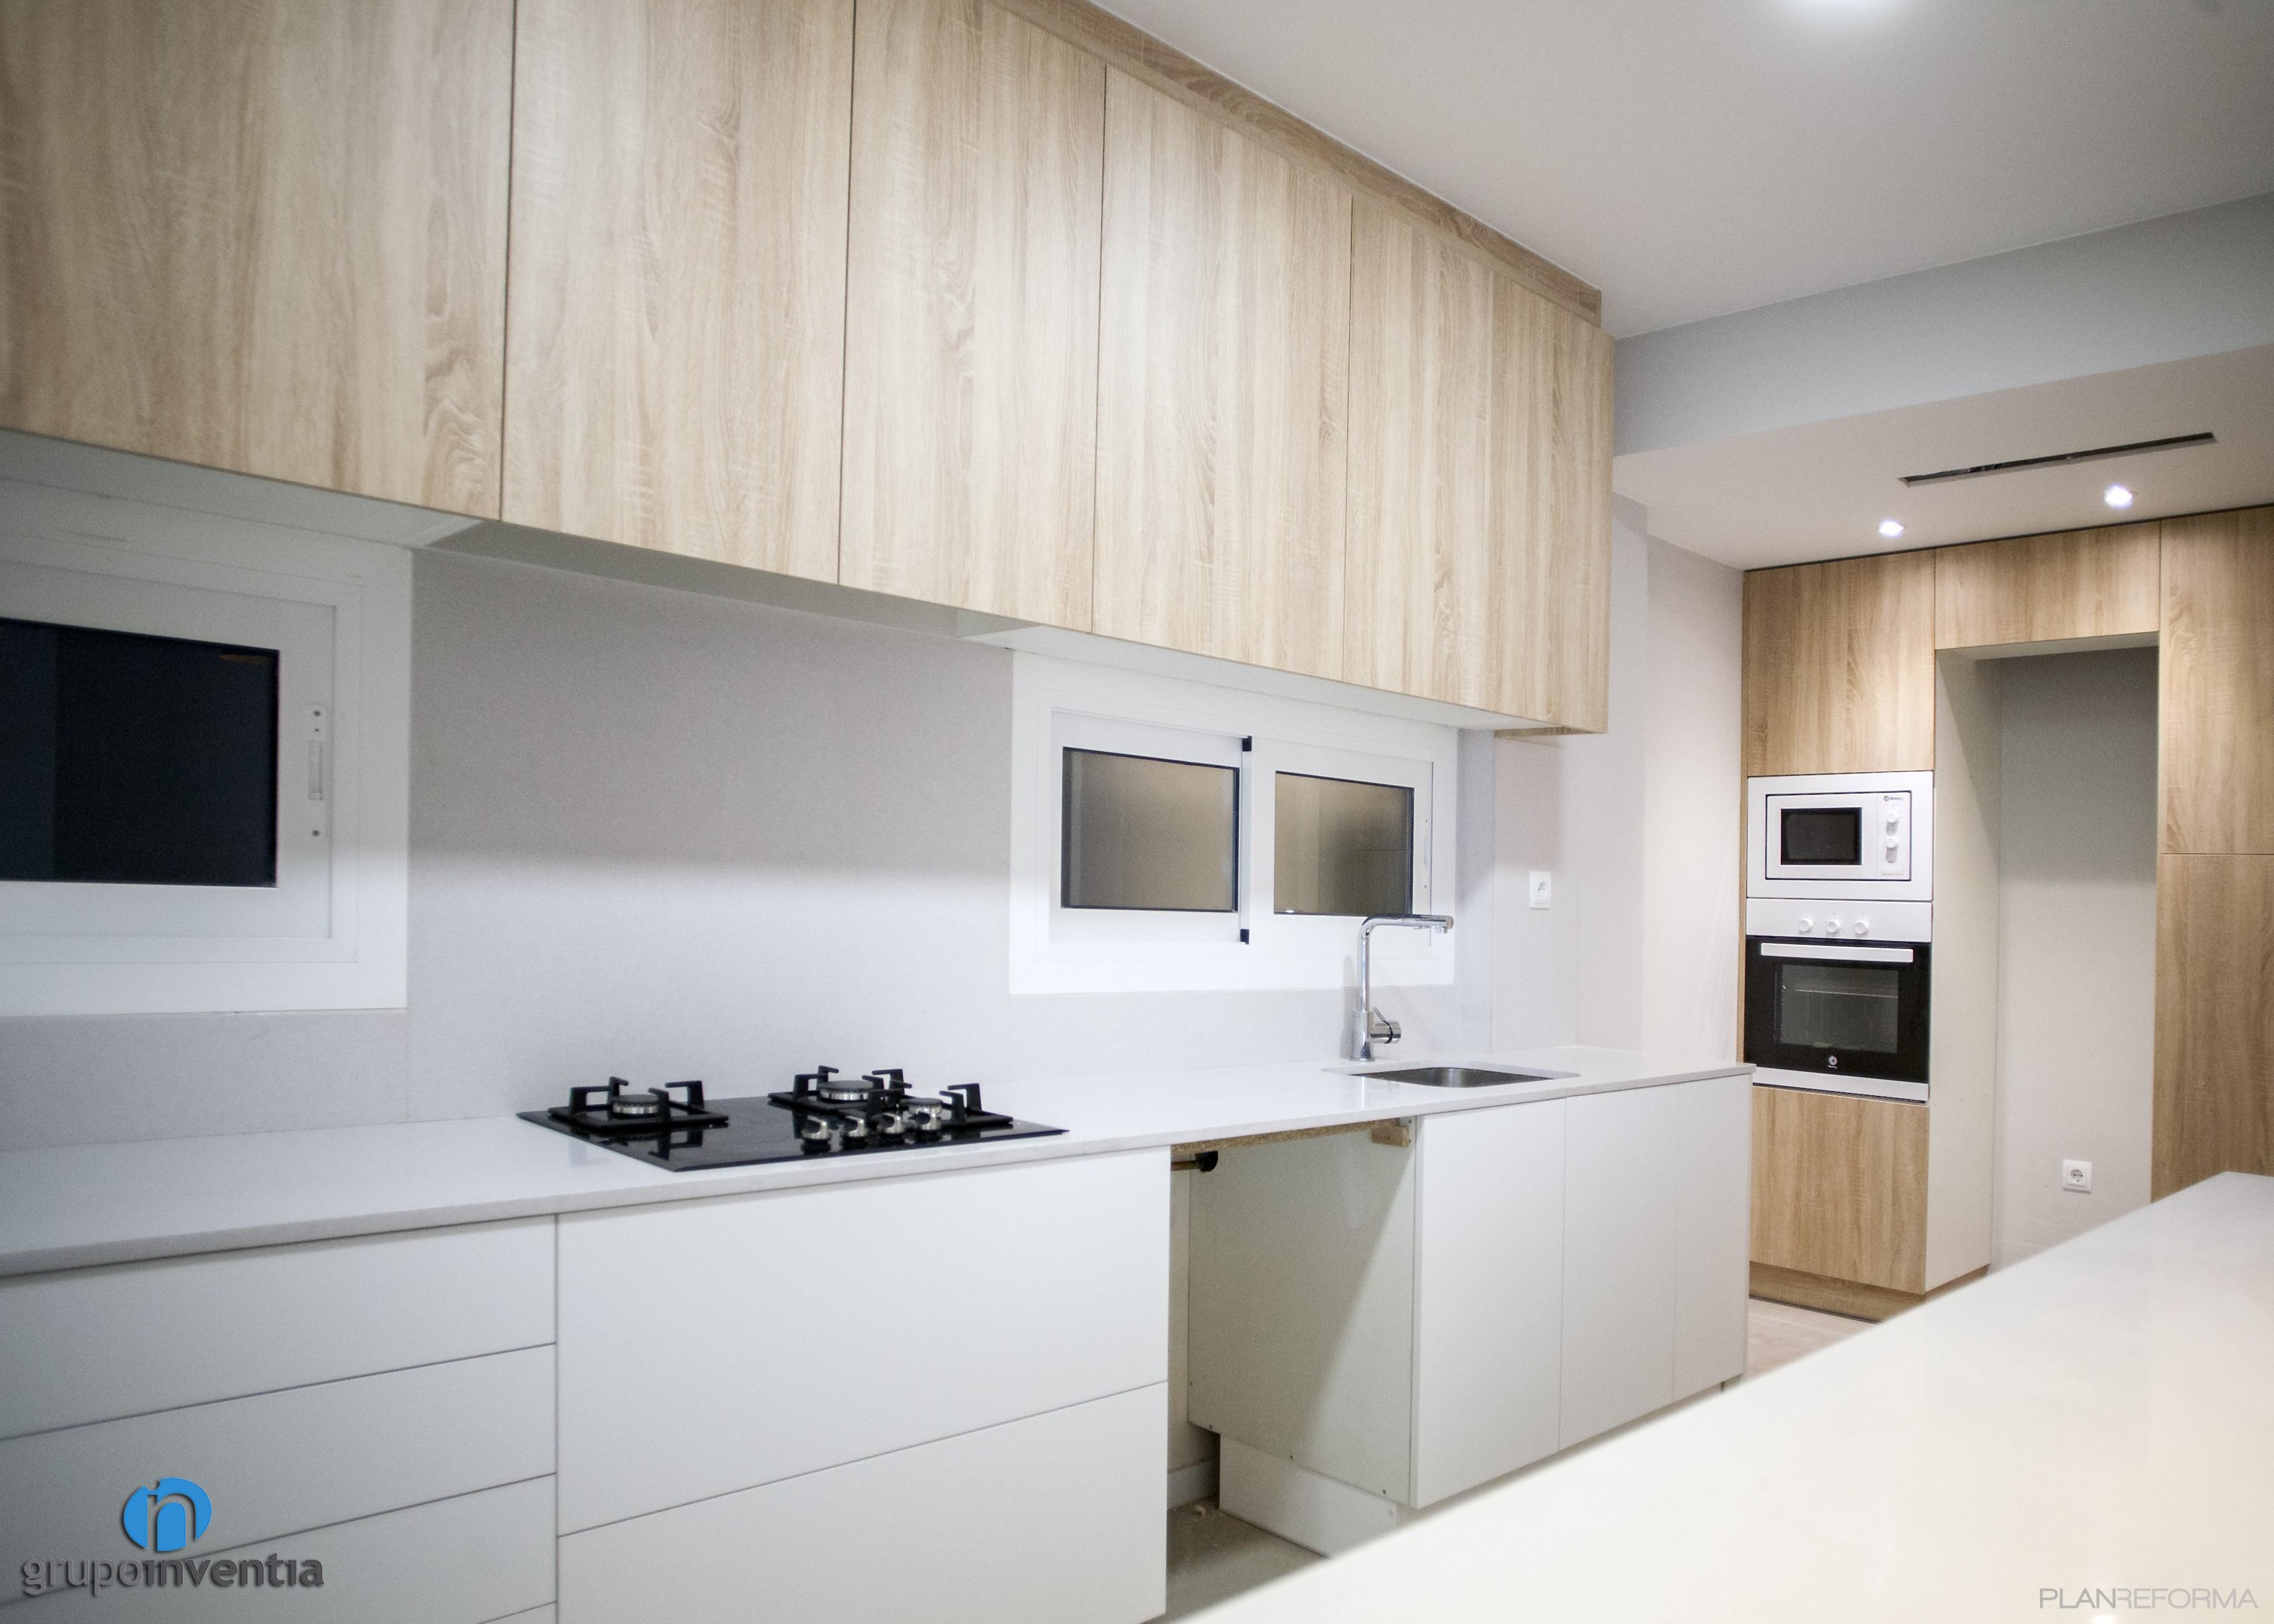 Cocina Estilo Contemporaneo Color Beige, Blanco, Negro Diseñado Por  Grupoinventia | Arquitecto Técnico |